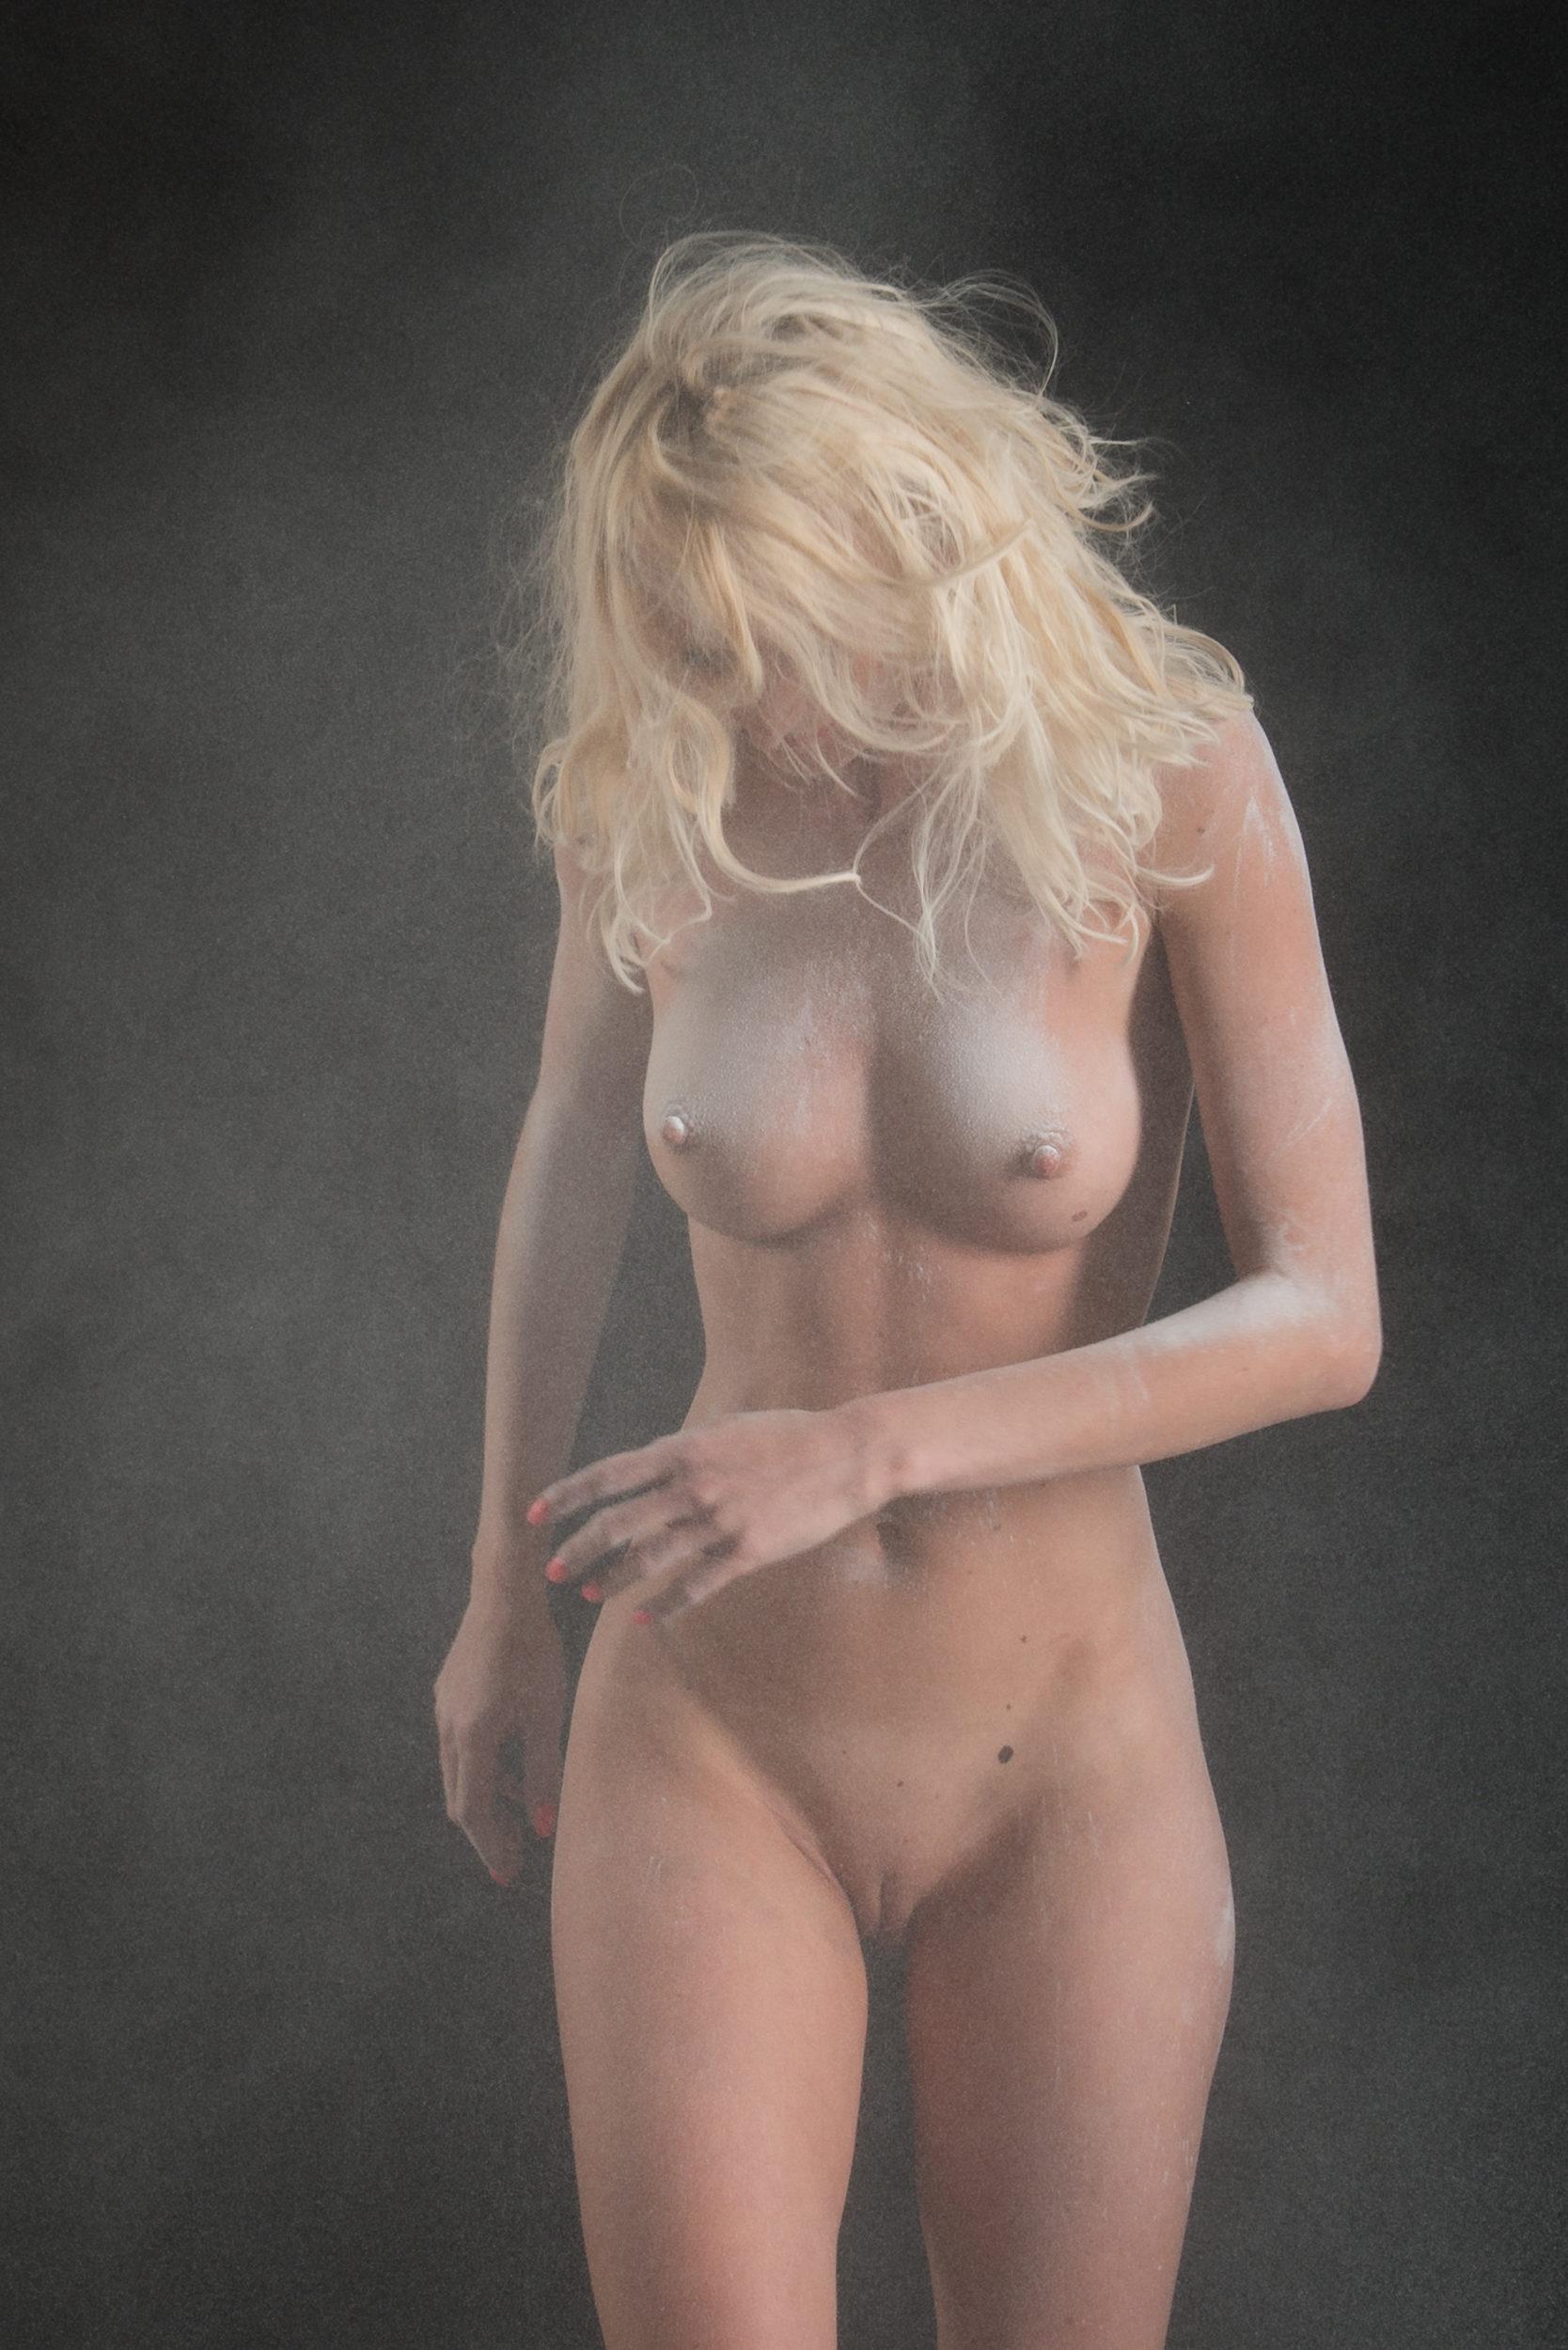 Explicit & Boudoir